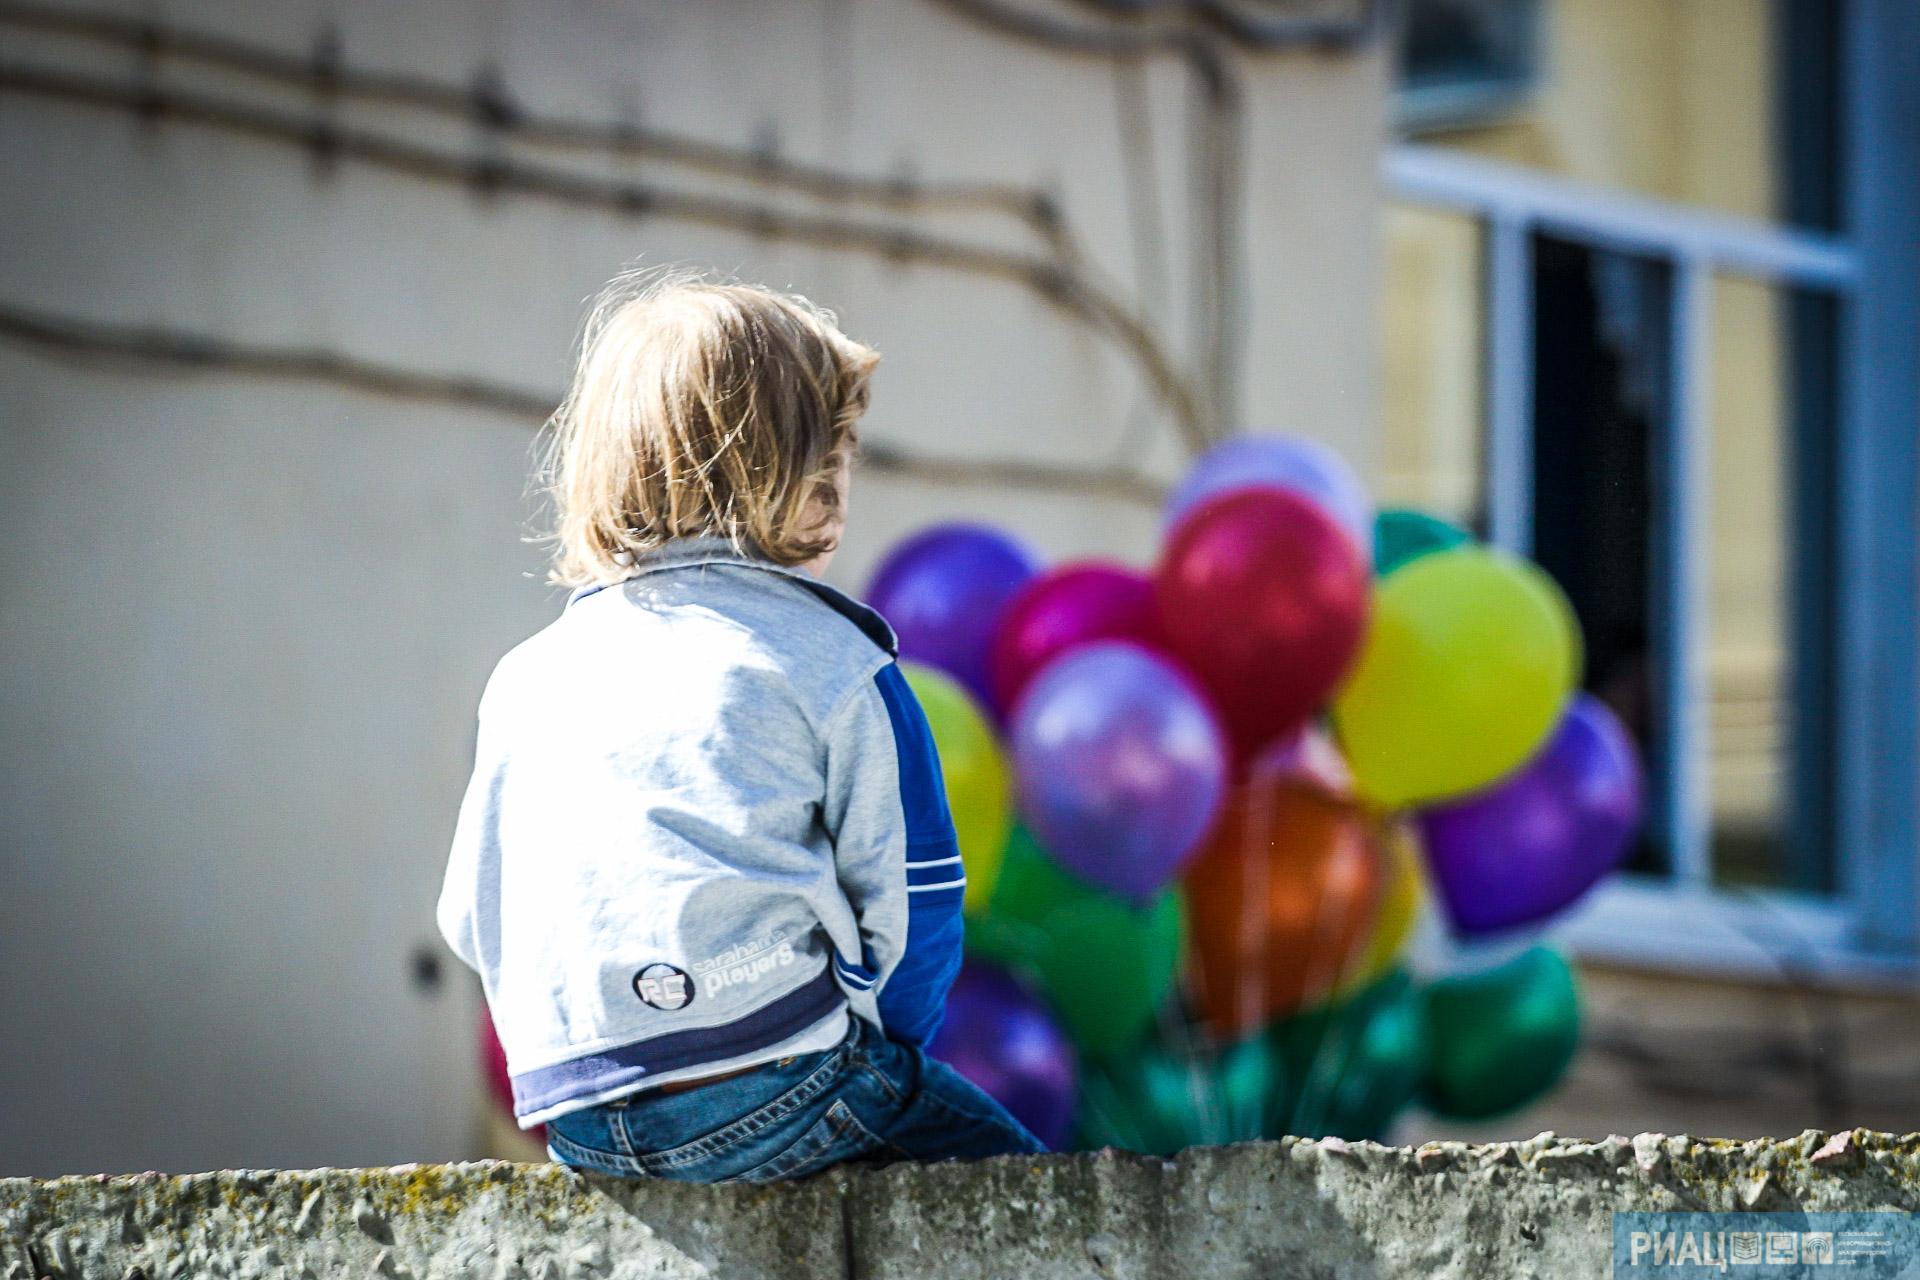 Назападе Волгограда 6-летний ребенок выпал изокна накозырек подъезда